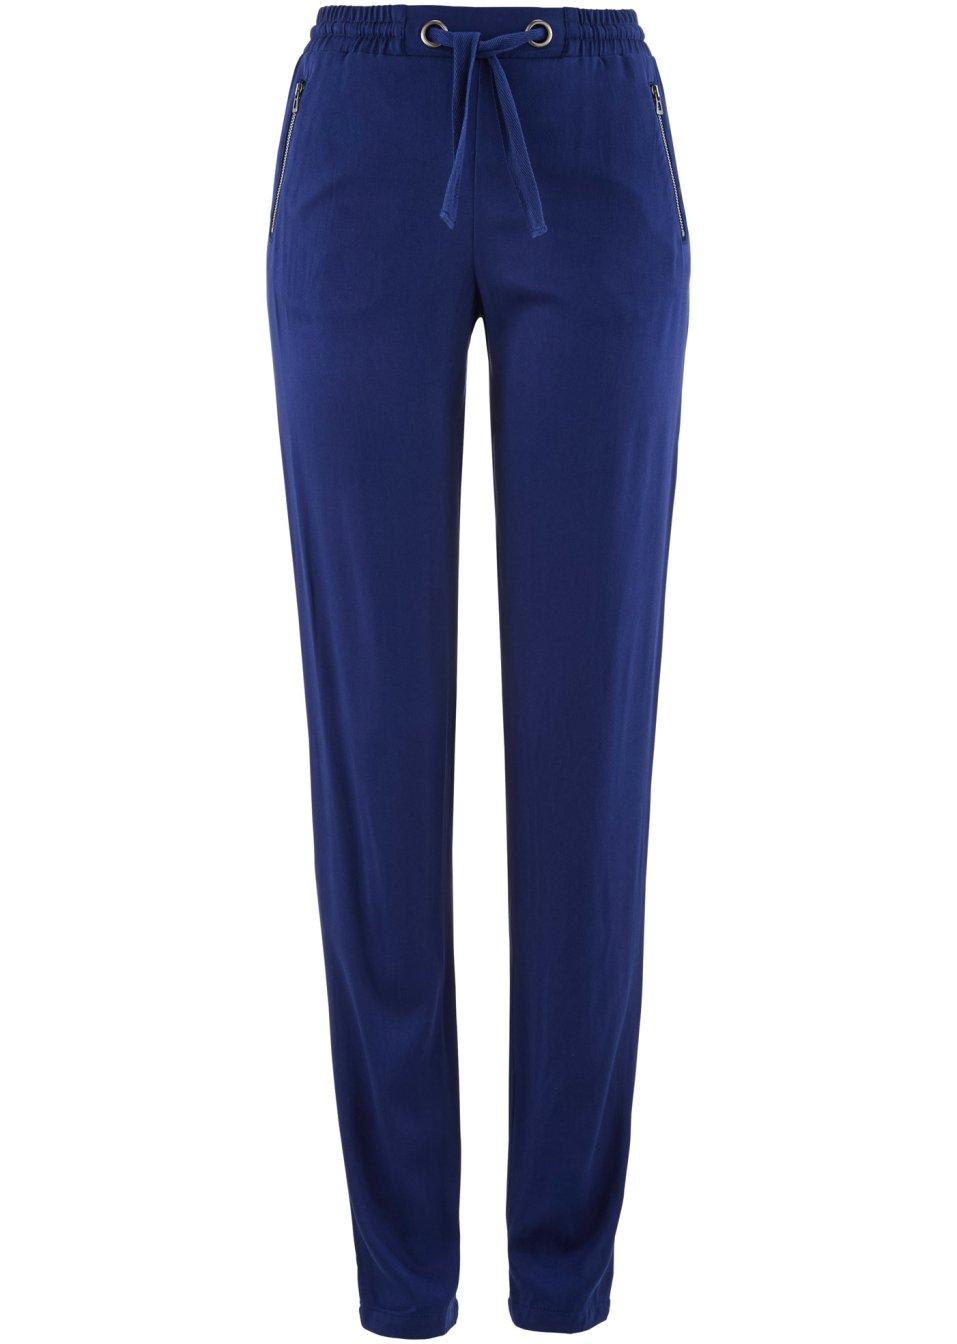 pantalon fluide avec taille lastique bleu nuit femme. Black Bedroom Furniture Sets. Home Design Ideas